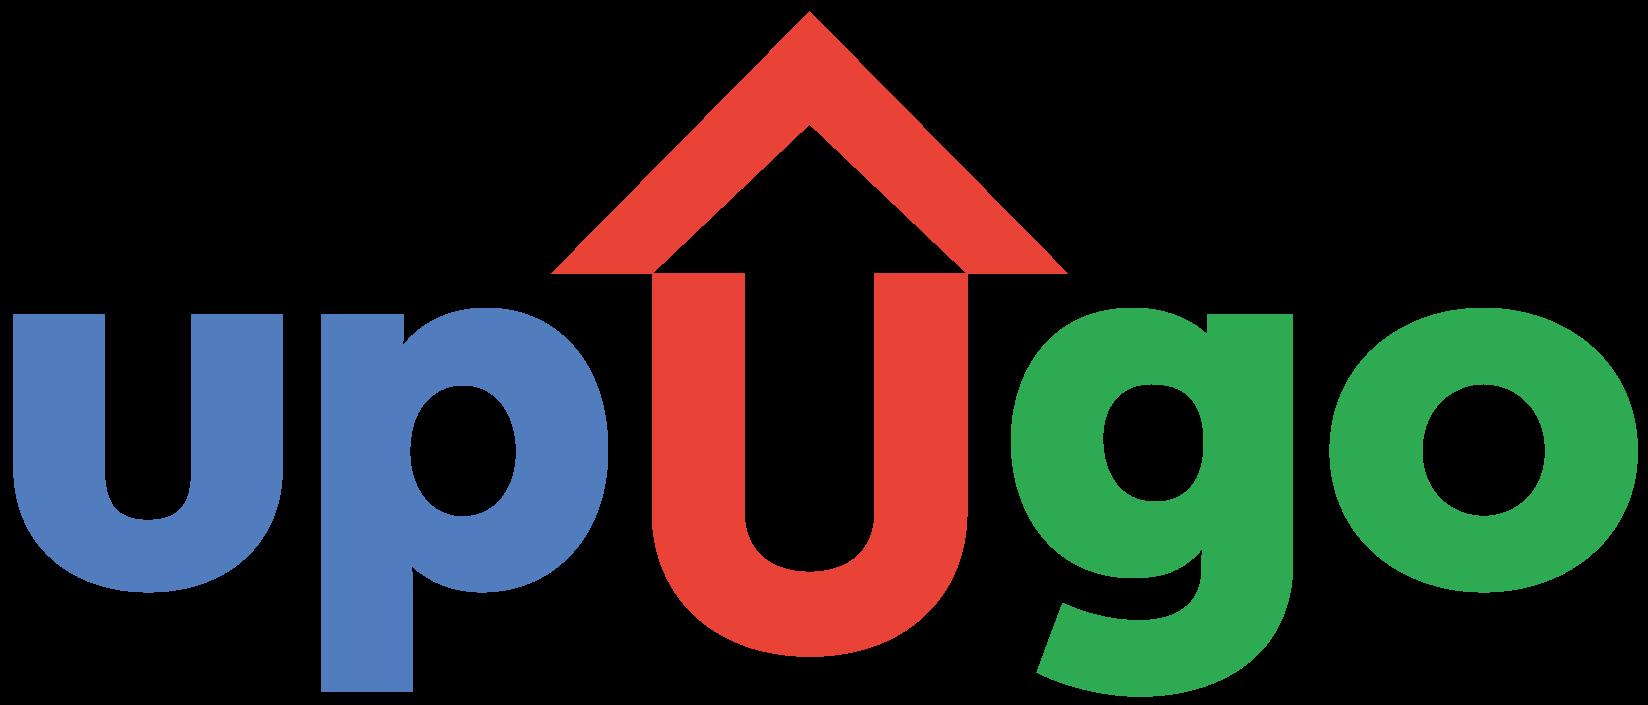 upUgo Ltd